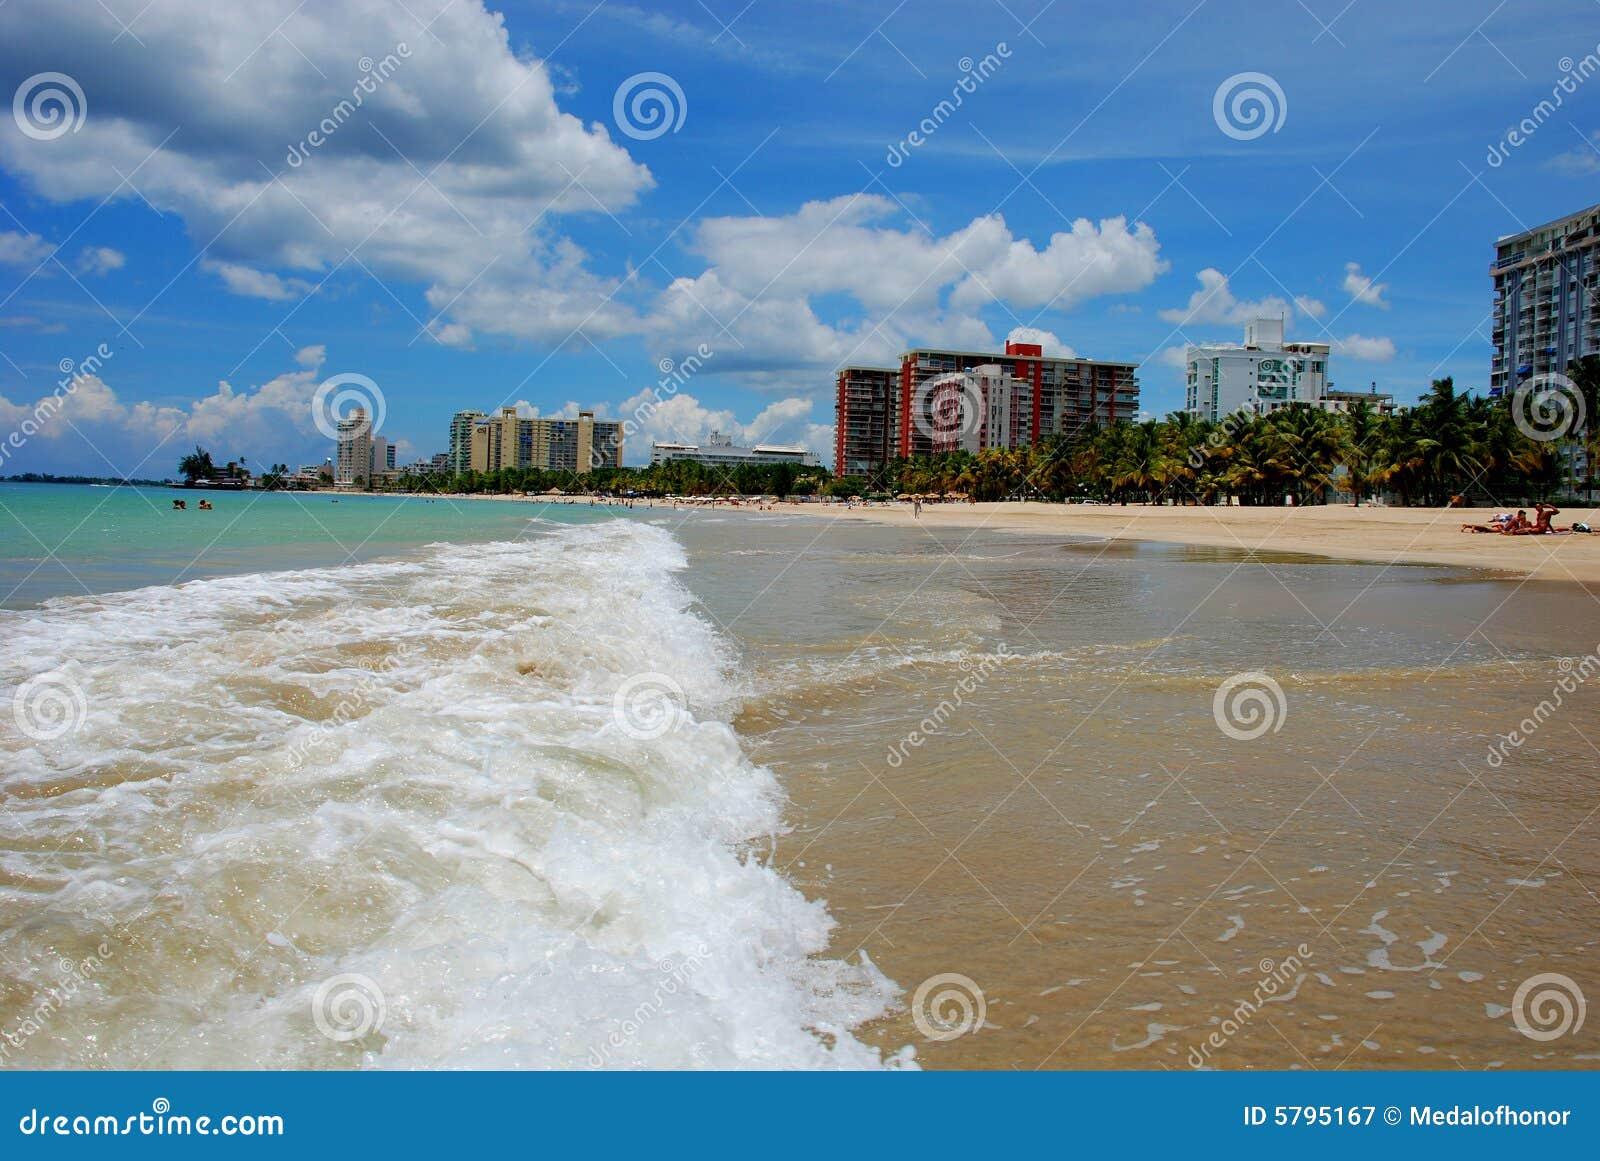 Puerto Rico 18